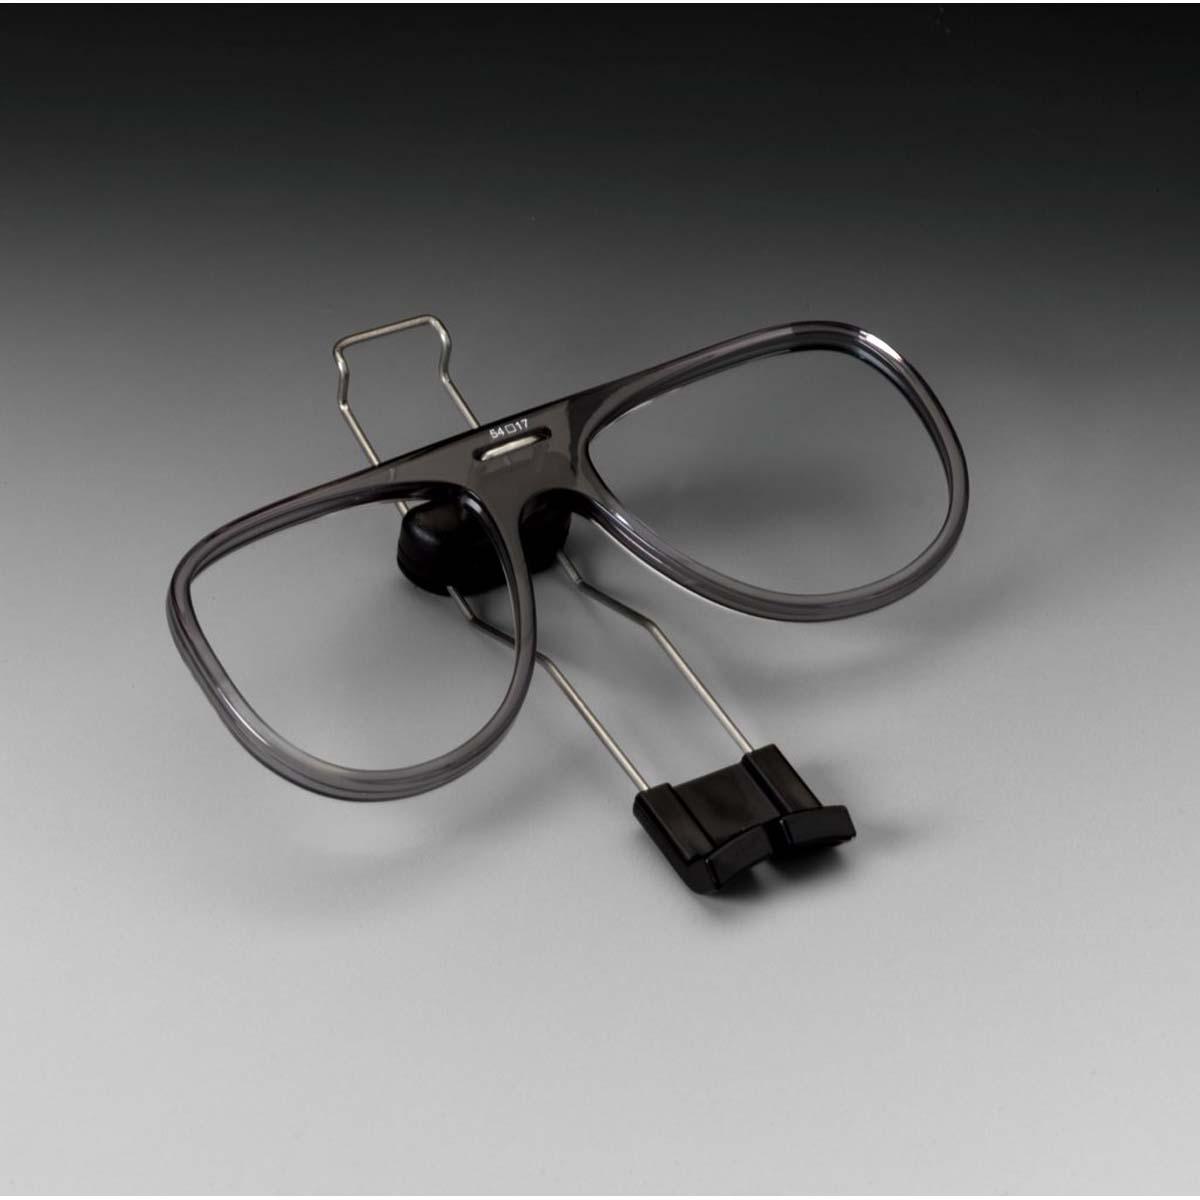 """3Mâ""""¢ Spectacle Kit 6878/07141(AAD), Accessory"""